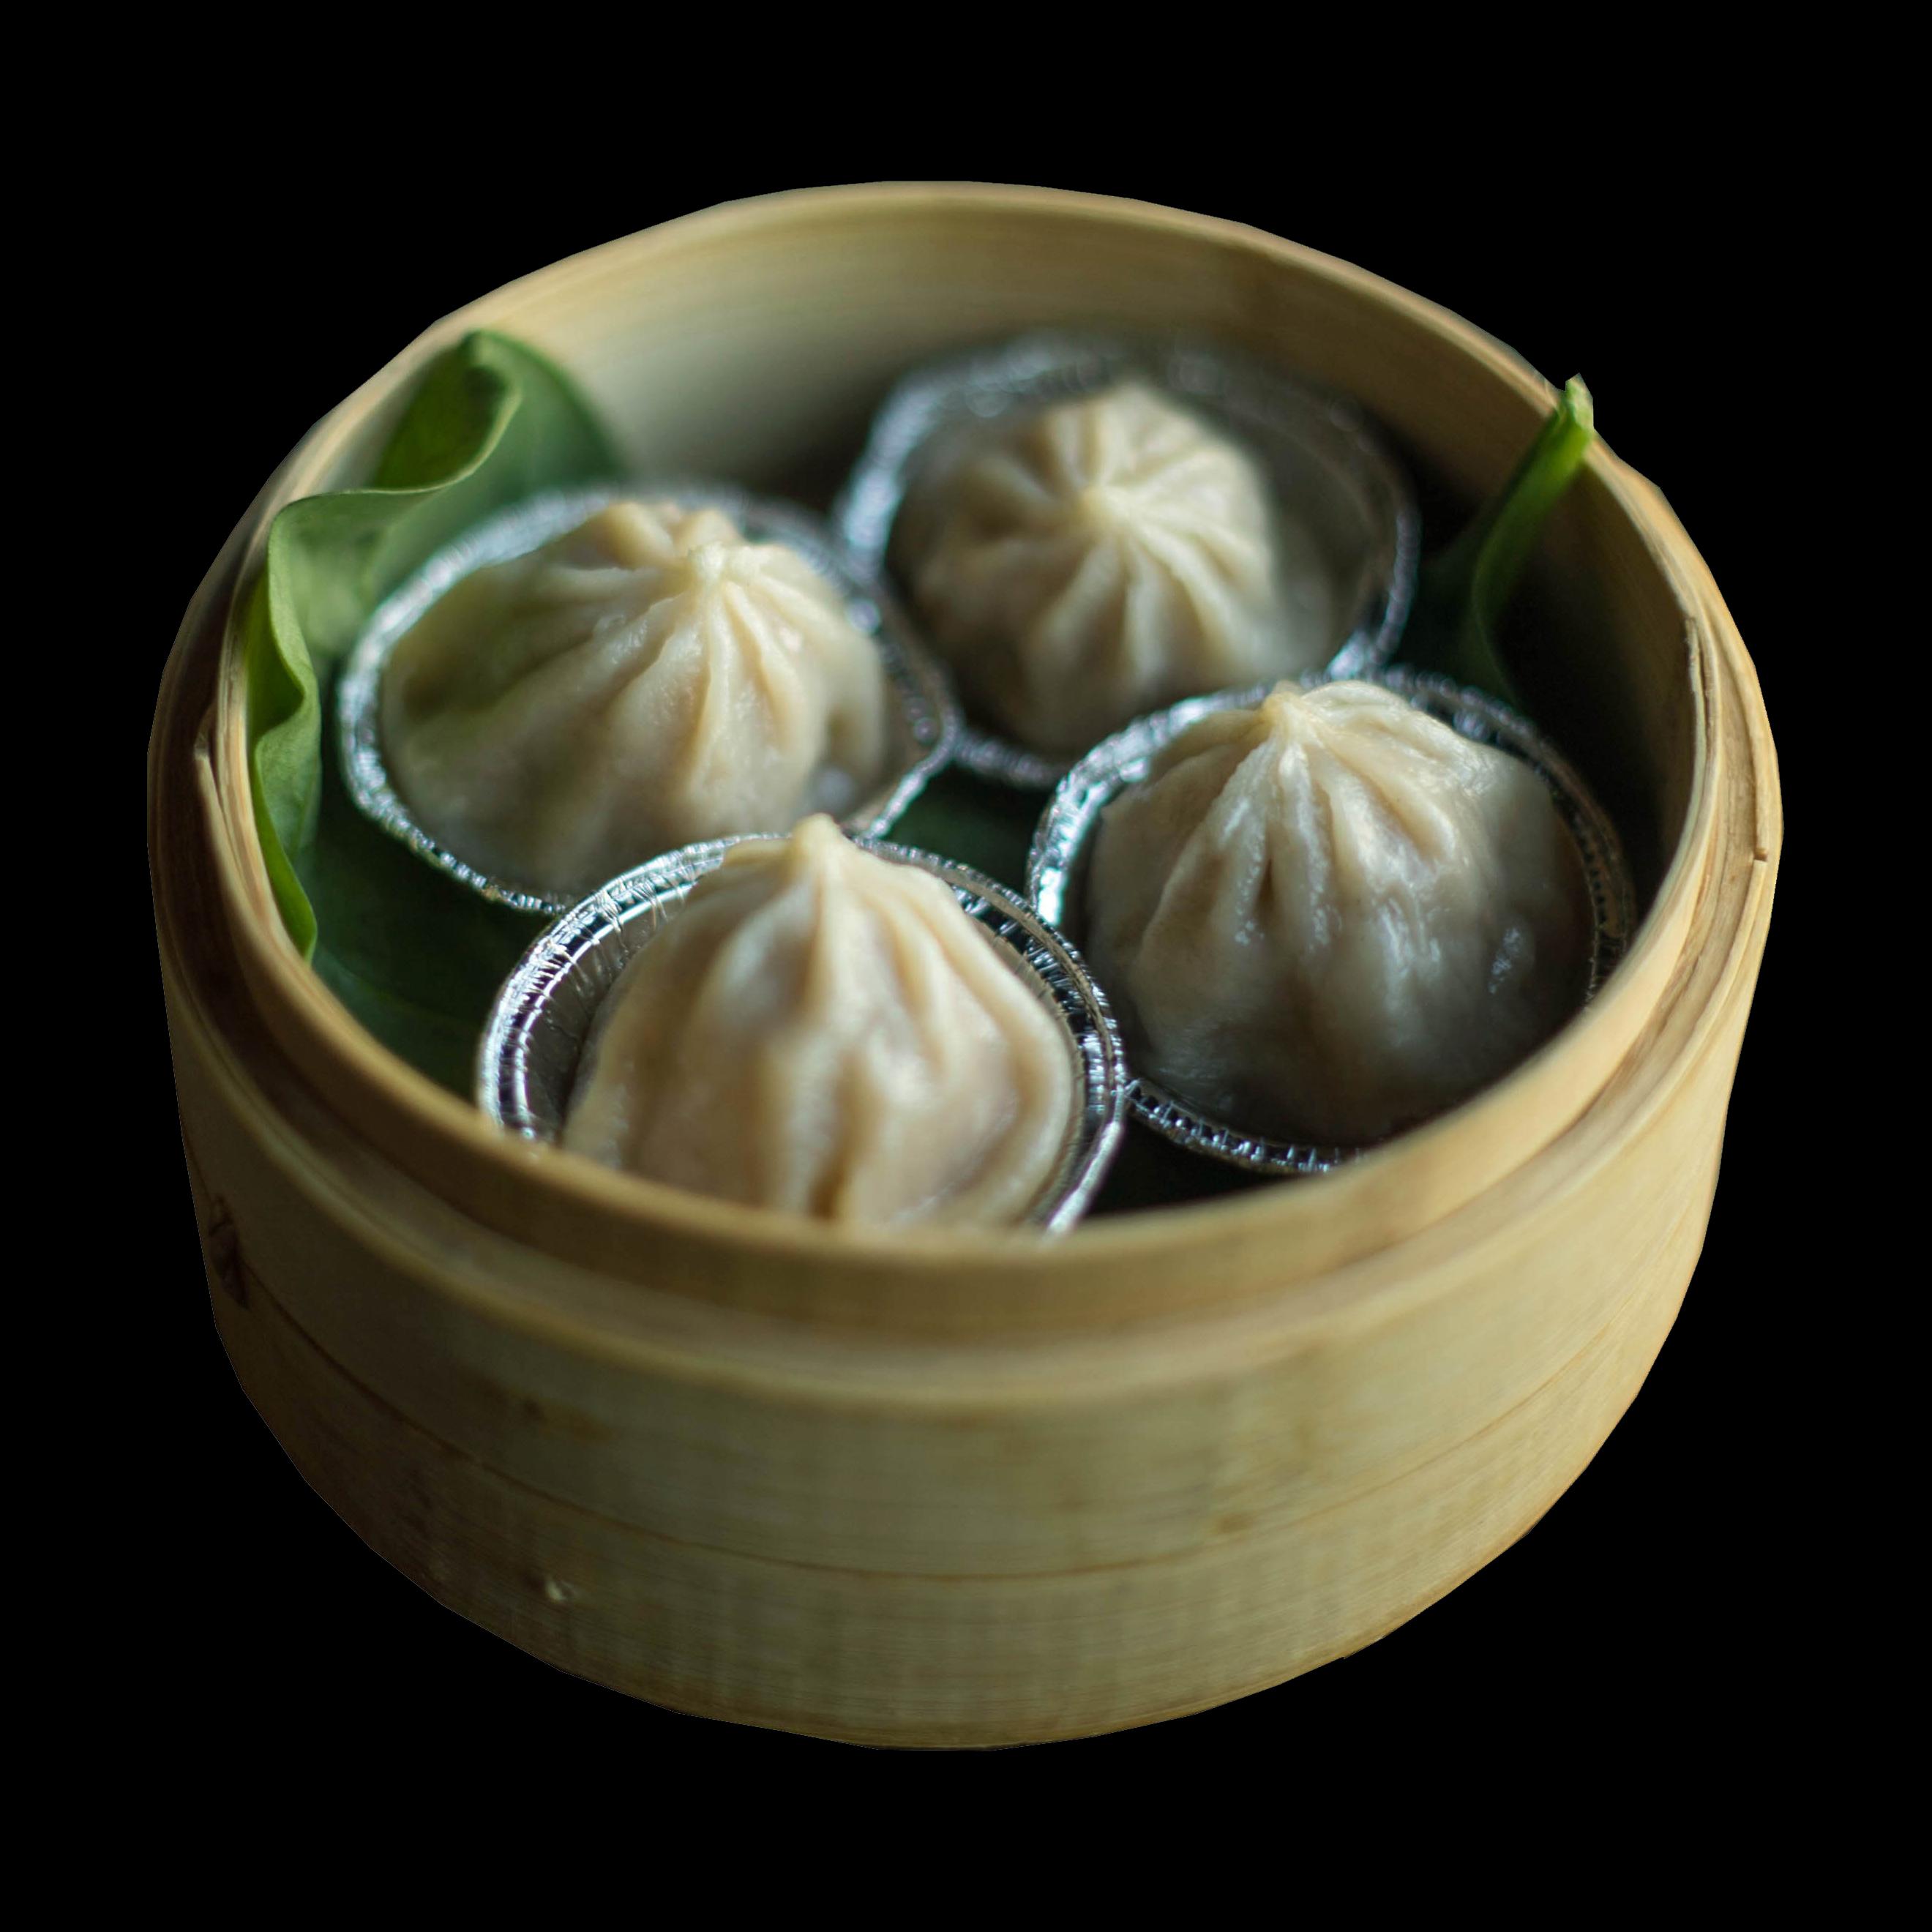 3. 小笼包 Shanghai Soup Dumplings Image